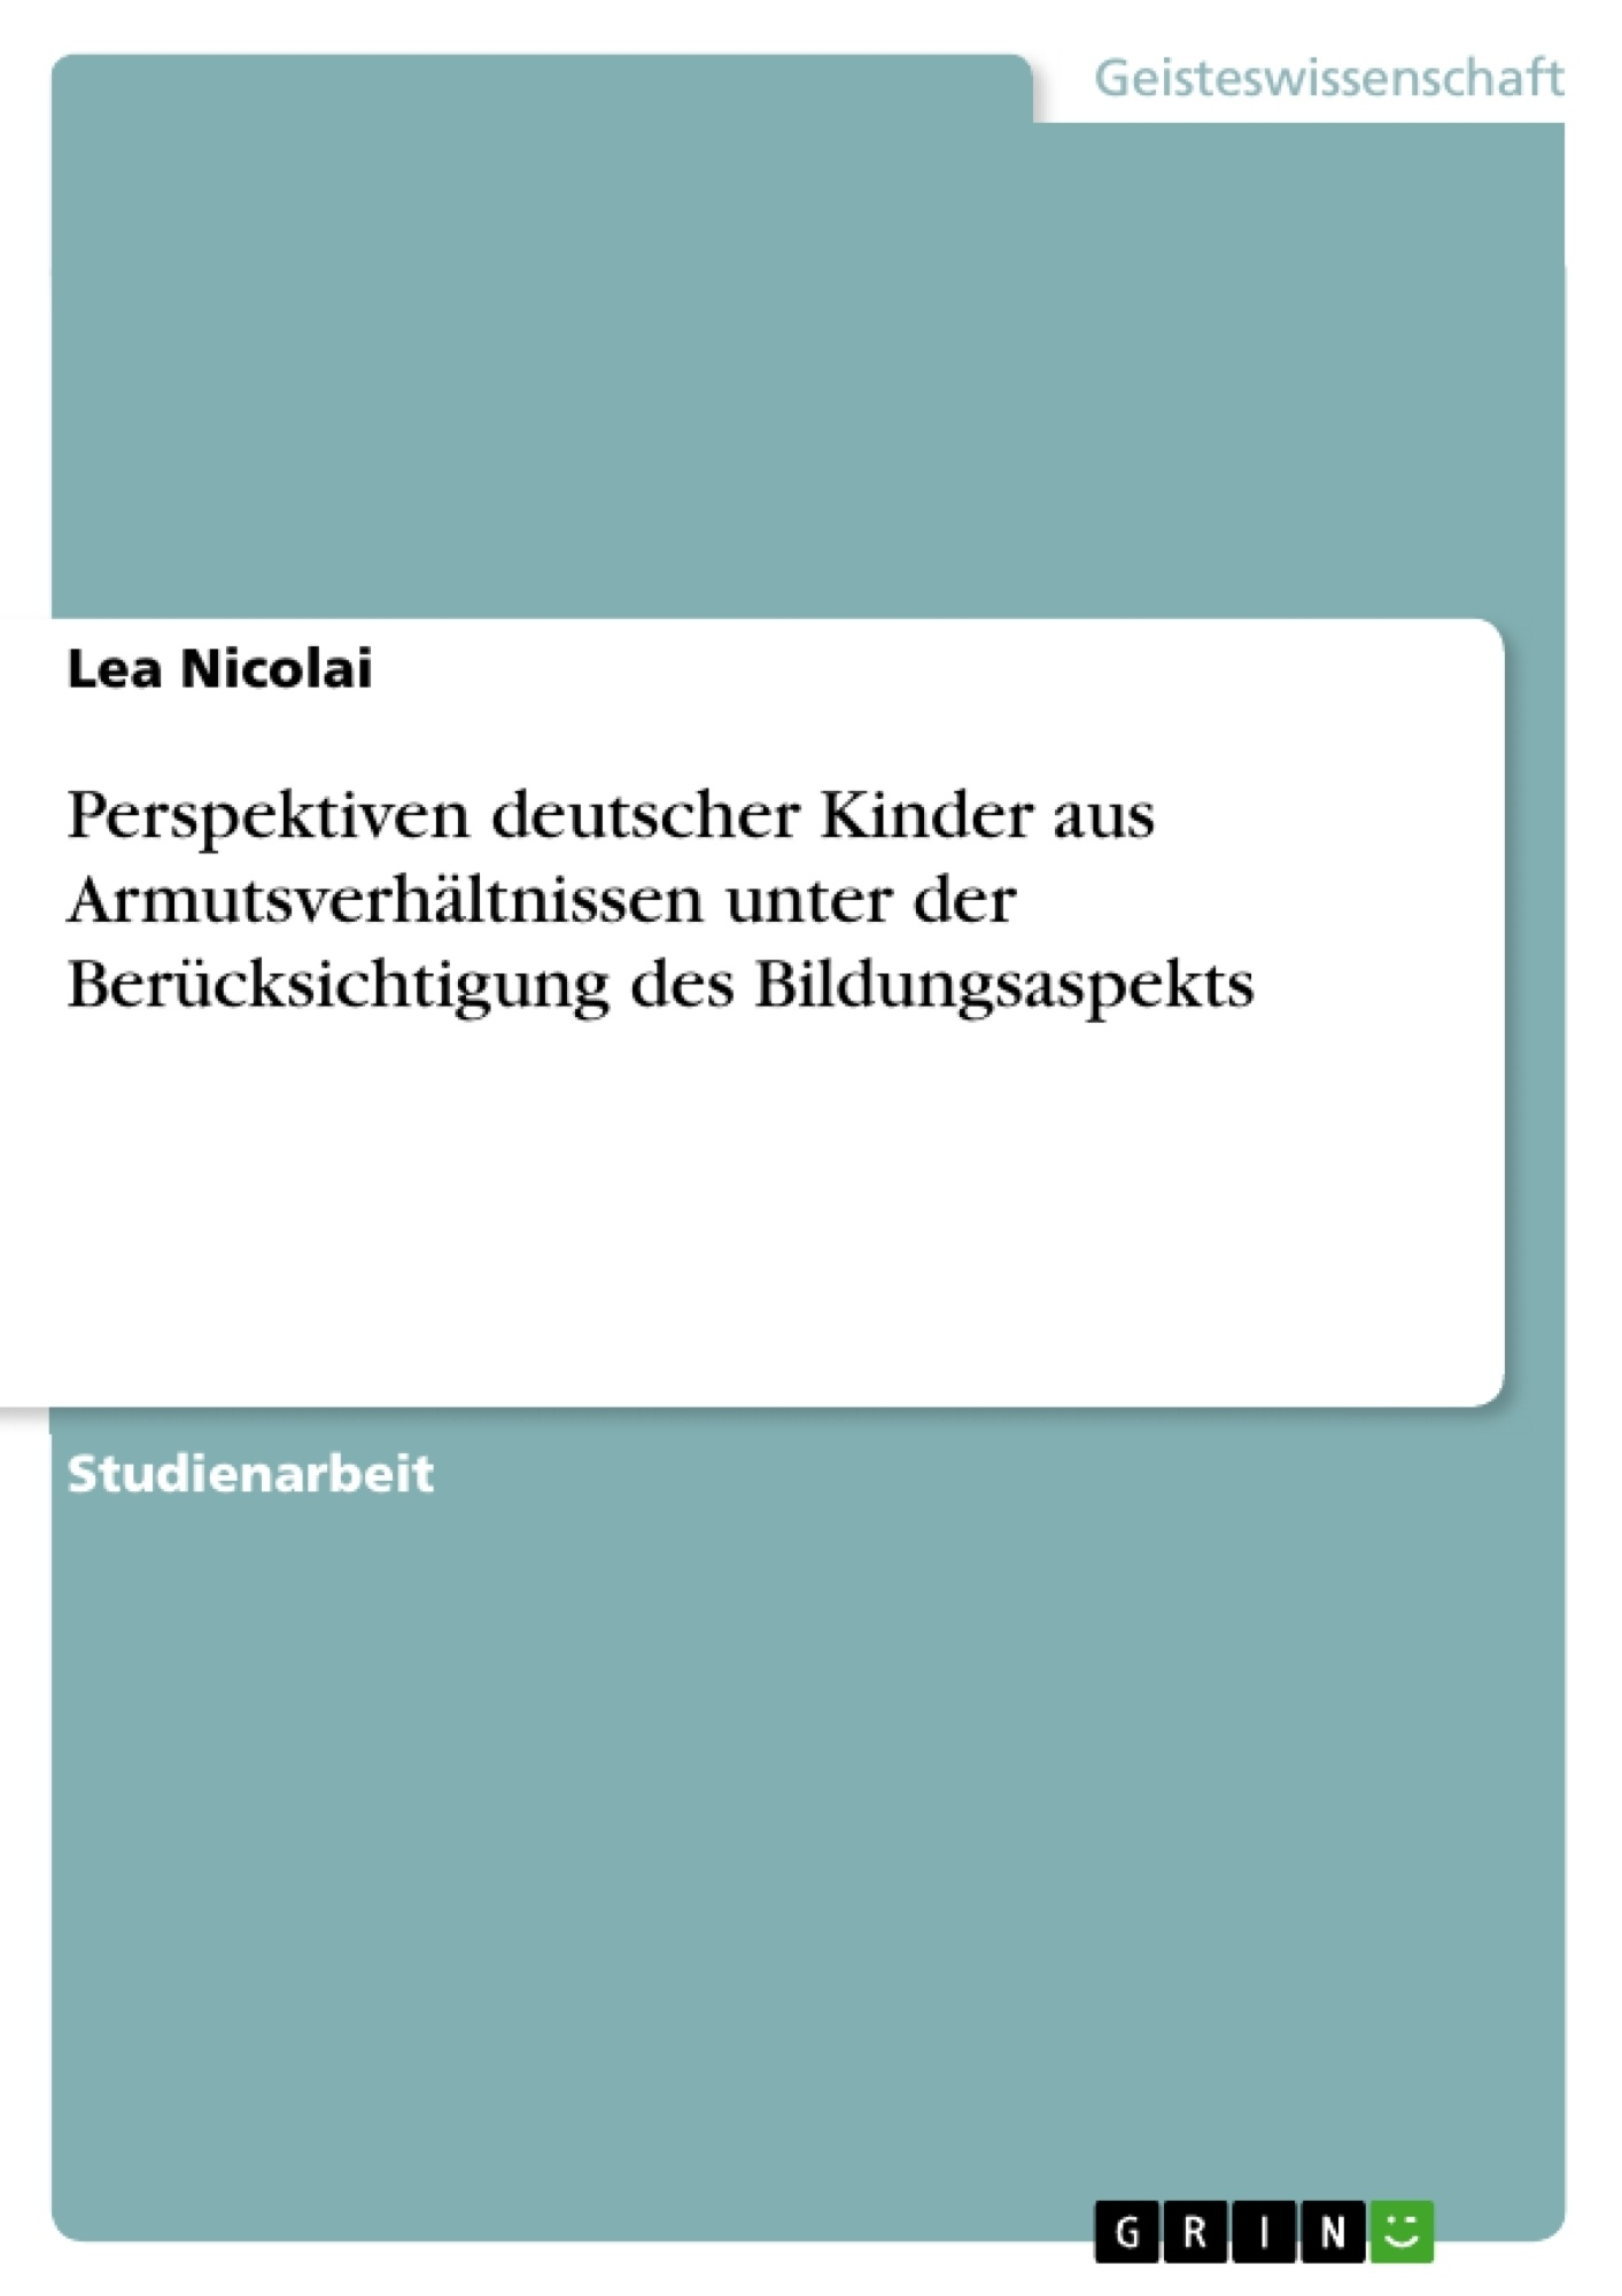 Titel: Perspektiven deutscher Kinder aus Armutsverhältnissen unter der Berücksichtigung des Bildungsaspekts